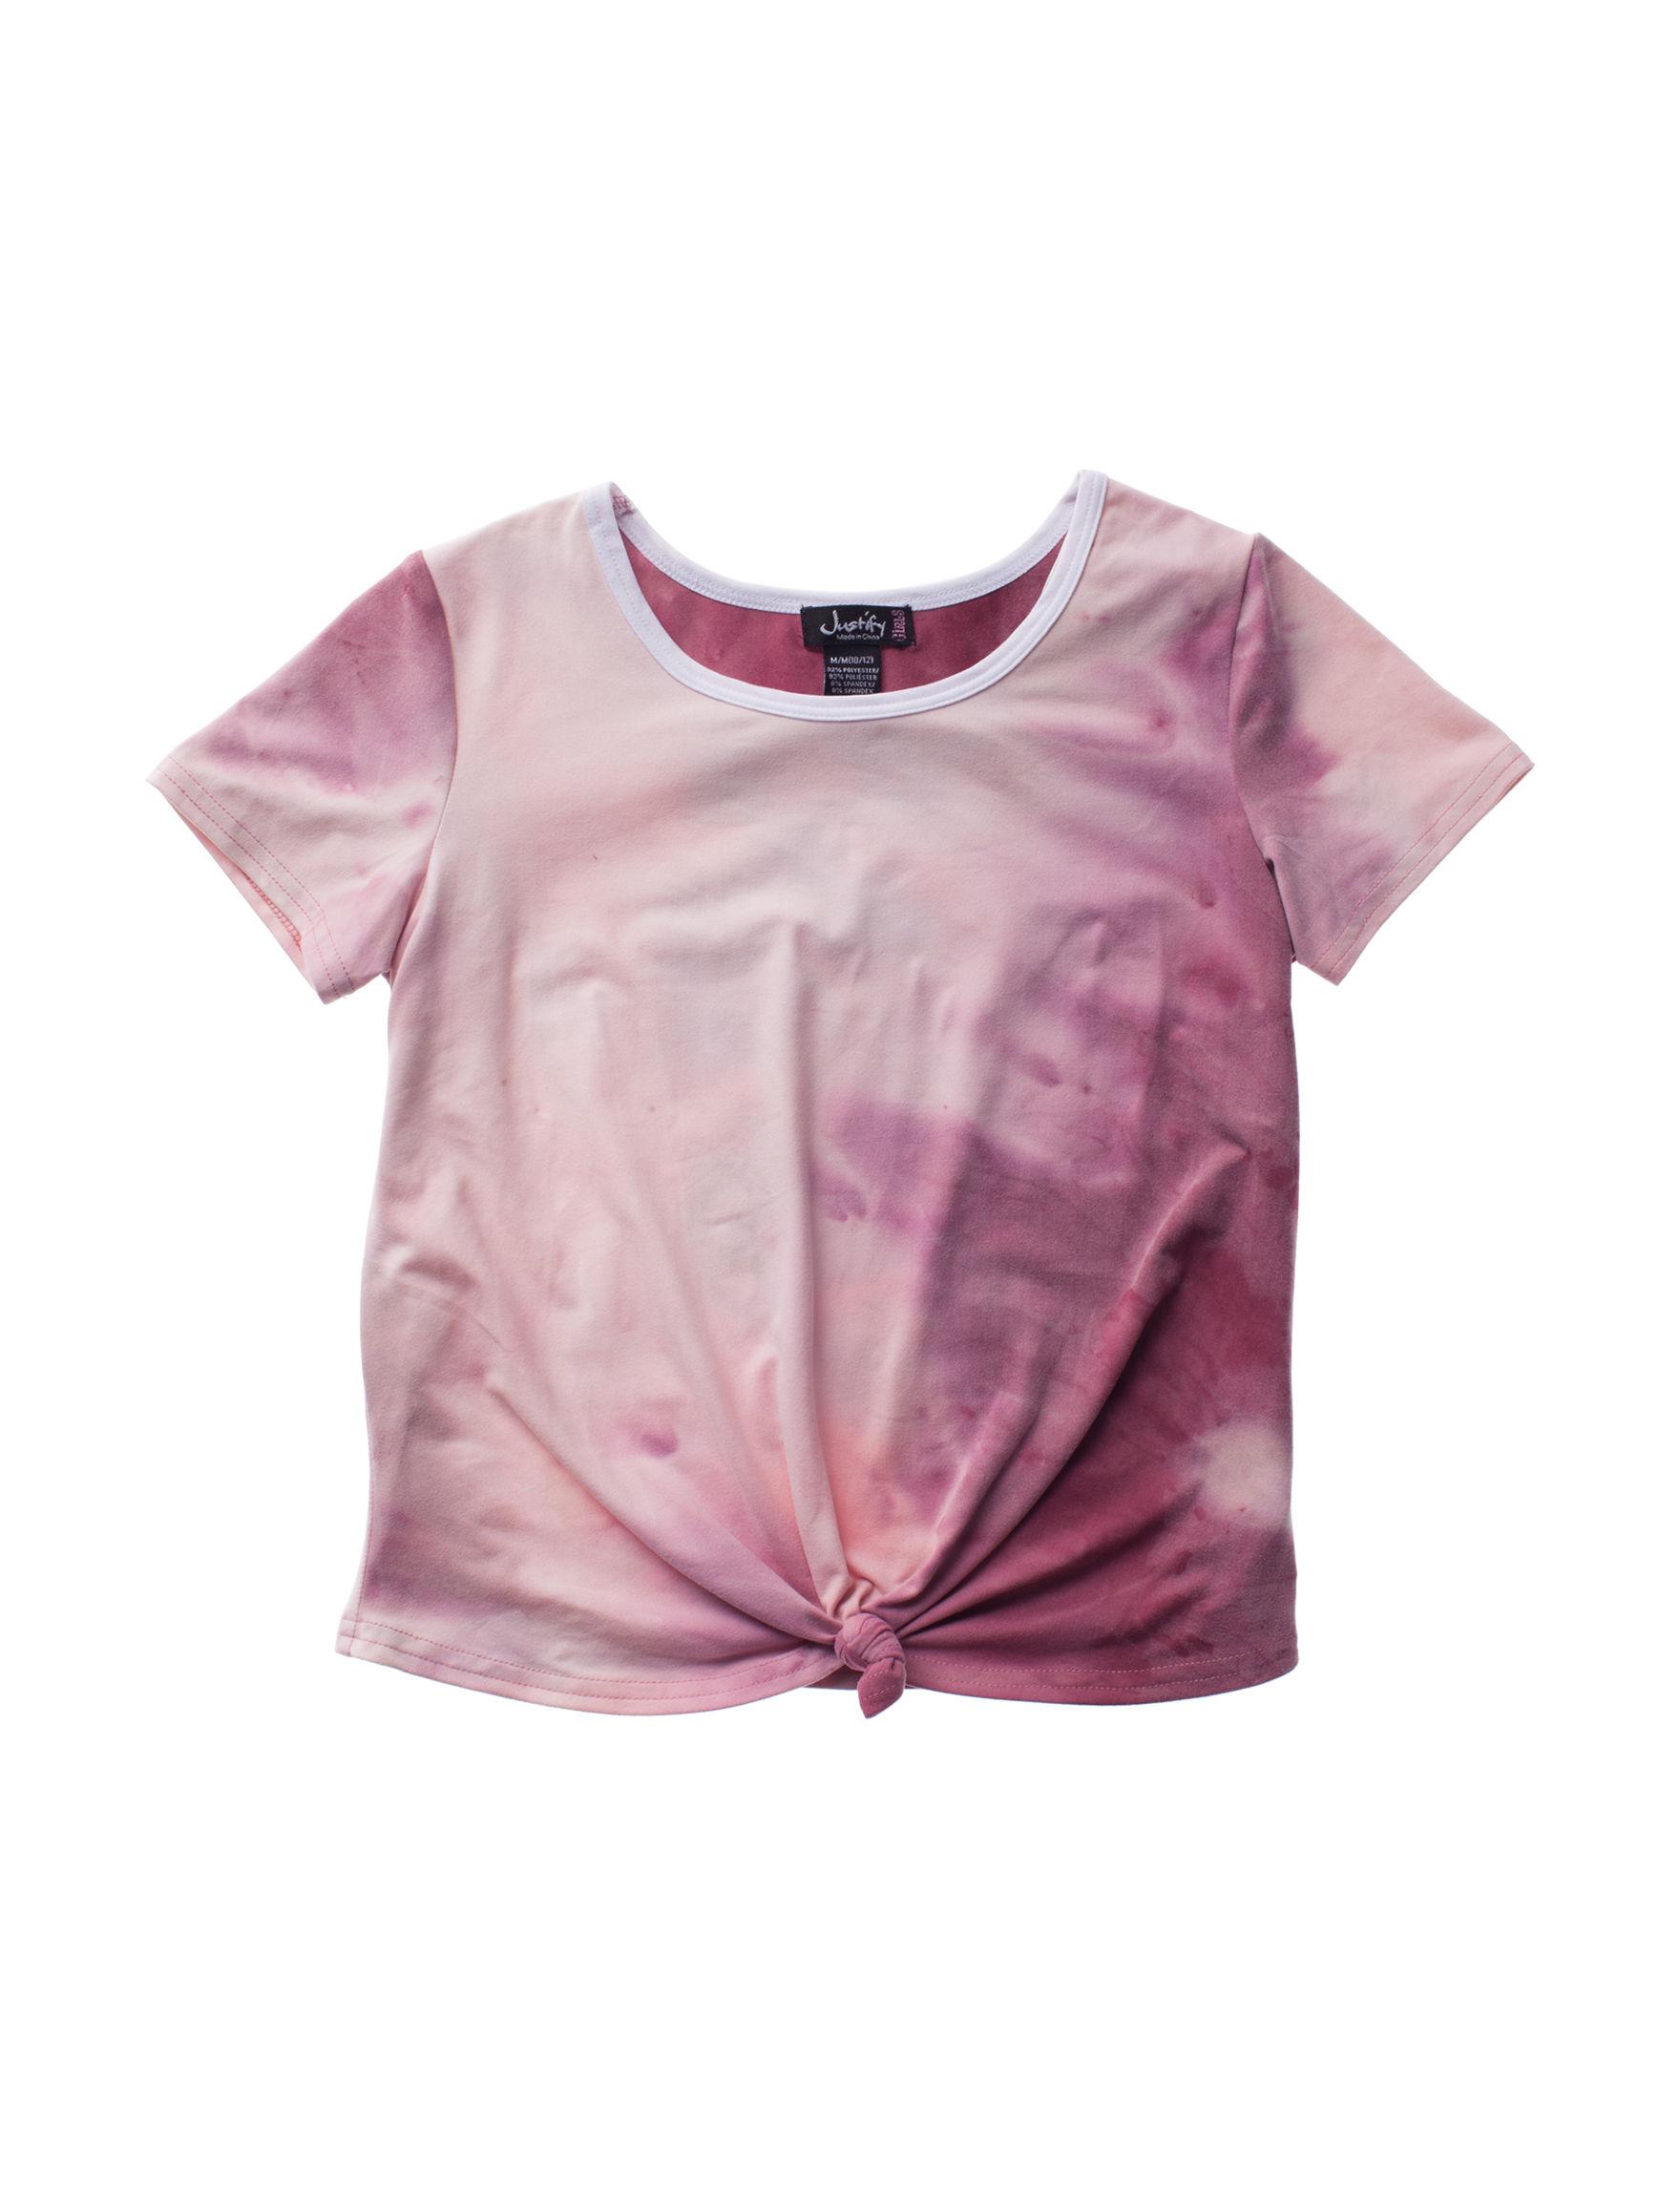 Justify Pink Tie Dye Tees & Tanks